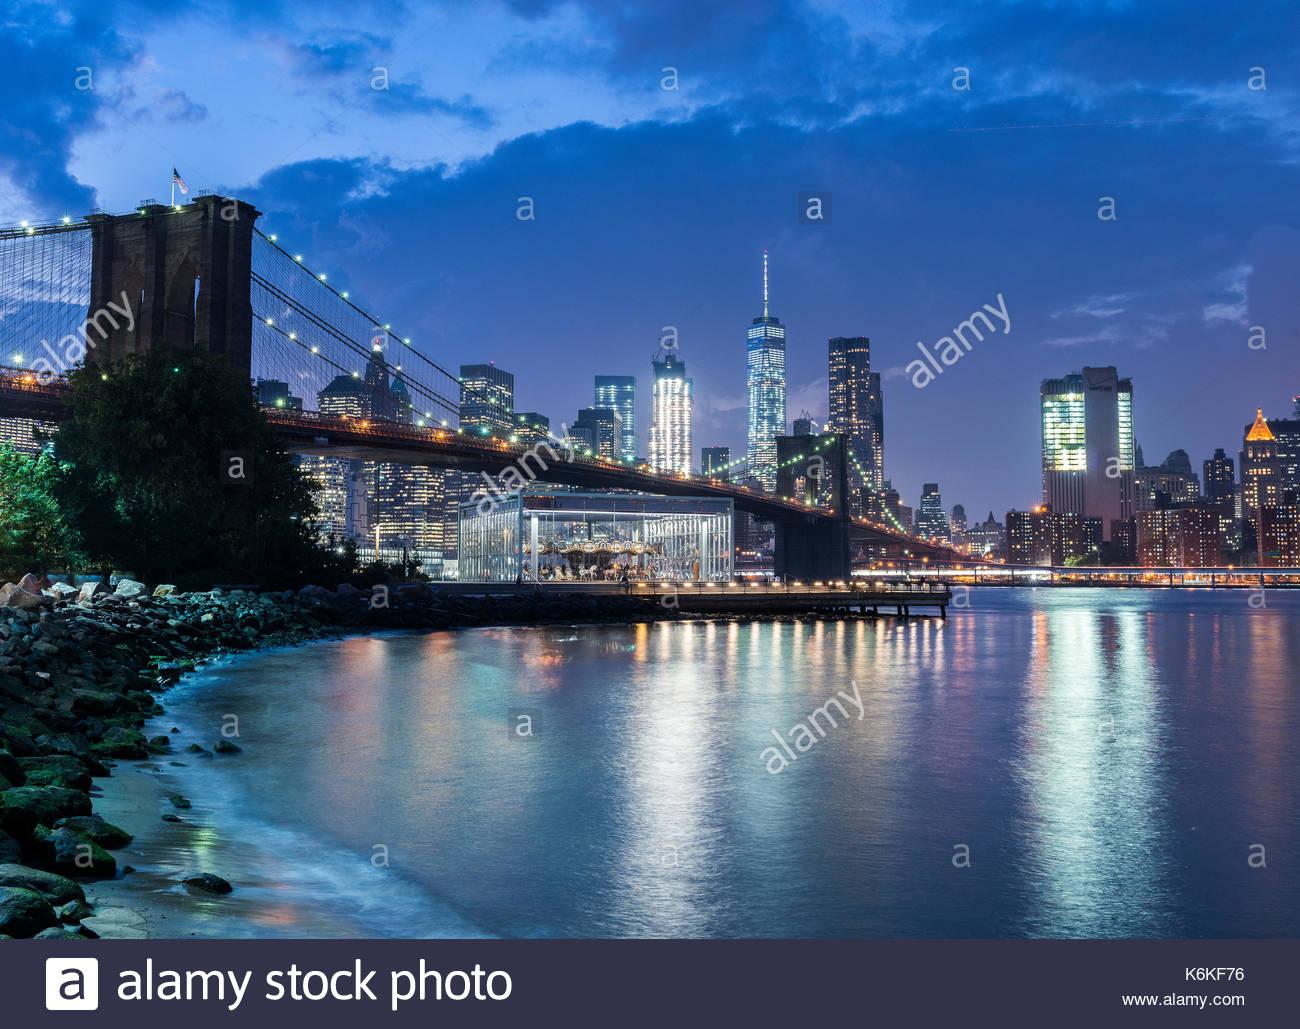 Brooklyn, el Puente de Brooklyn Park, Nueva York, Estados Unidos. Imagen De Stock